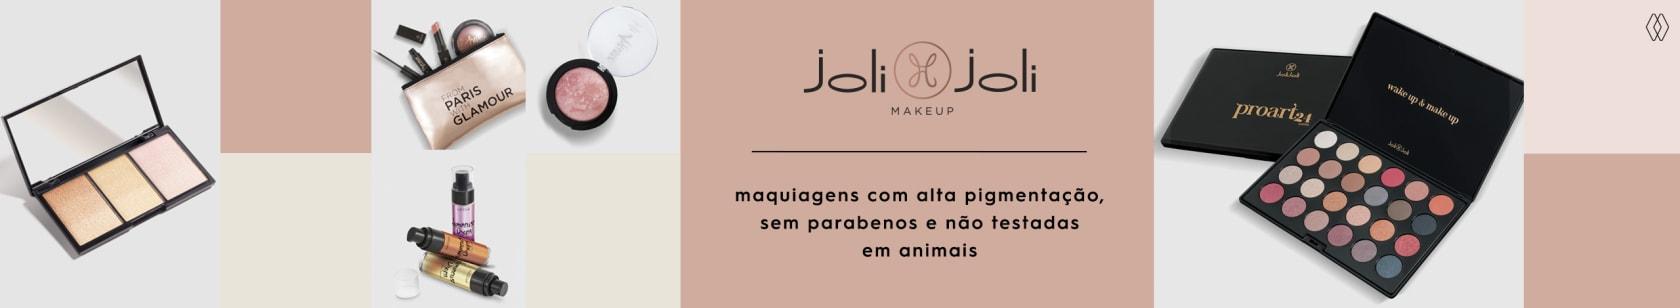 JOLI JOLI | AMARO